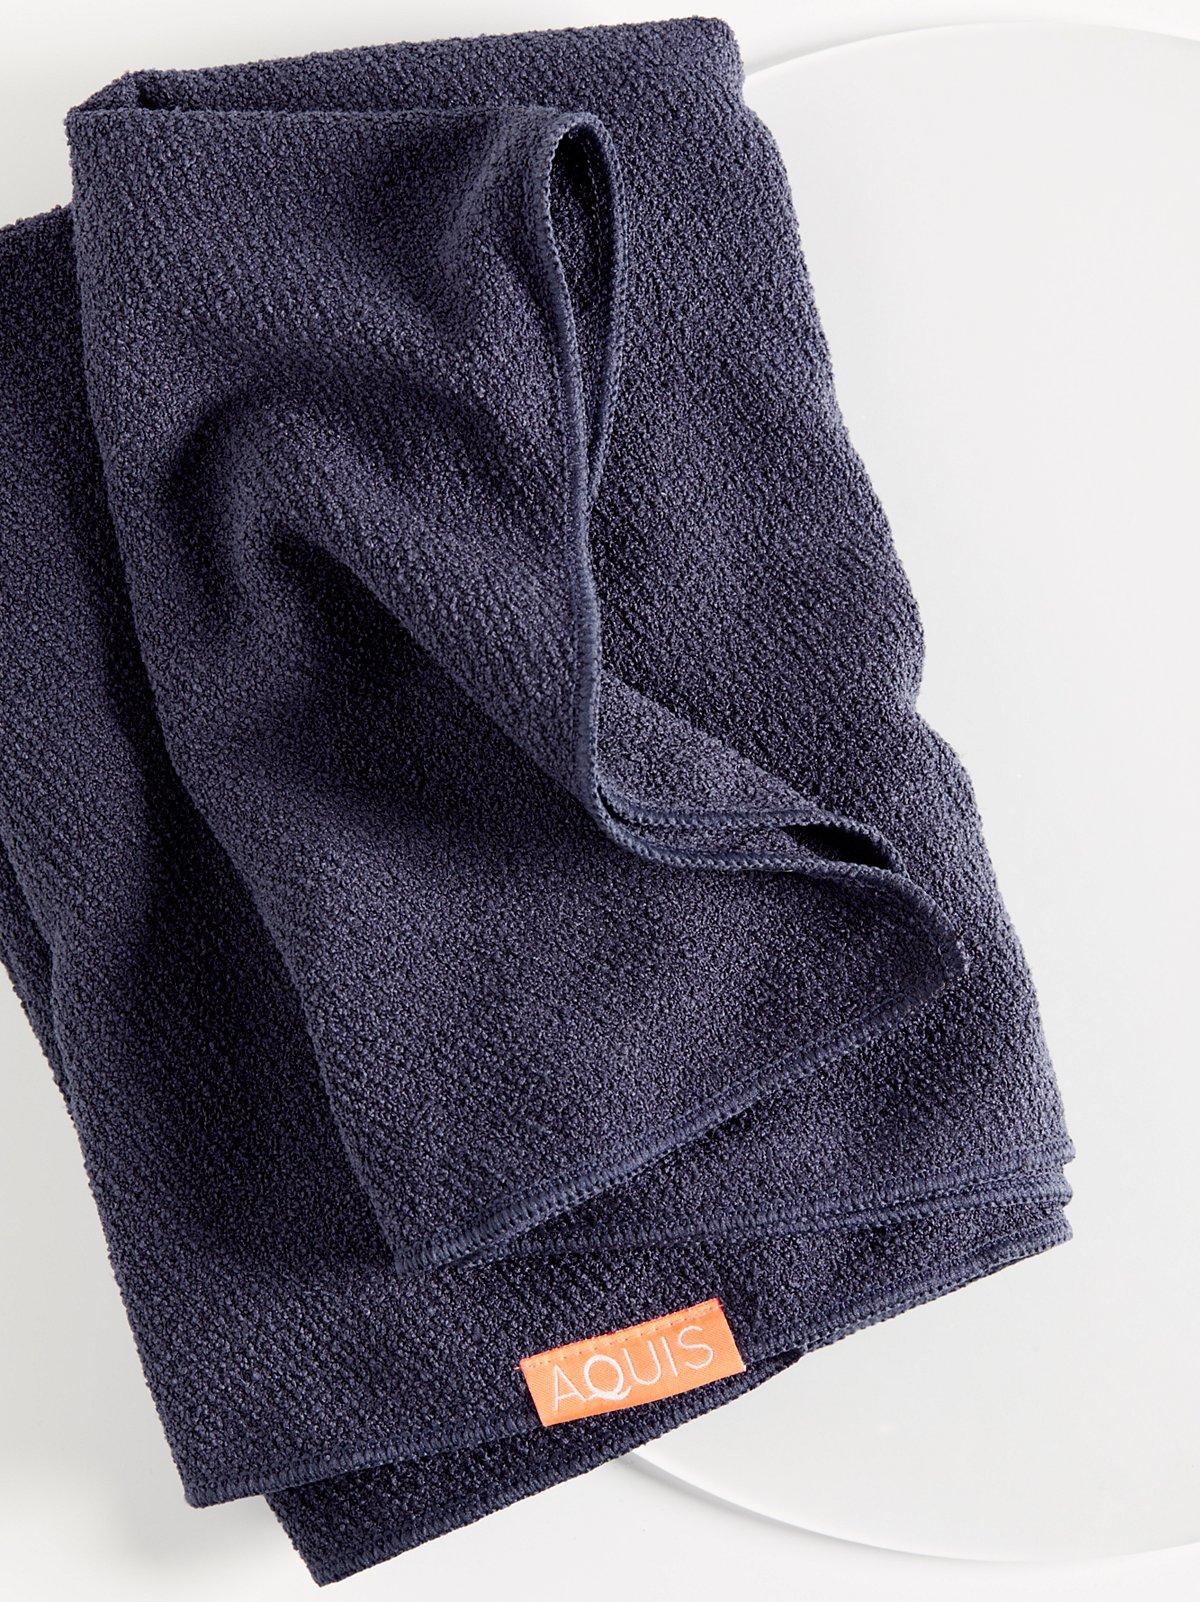 Lisse Luxe Long Hair Towel